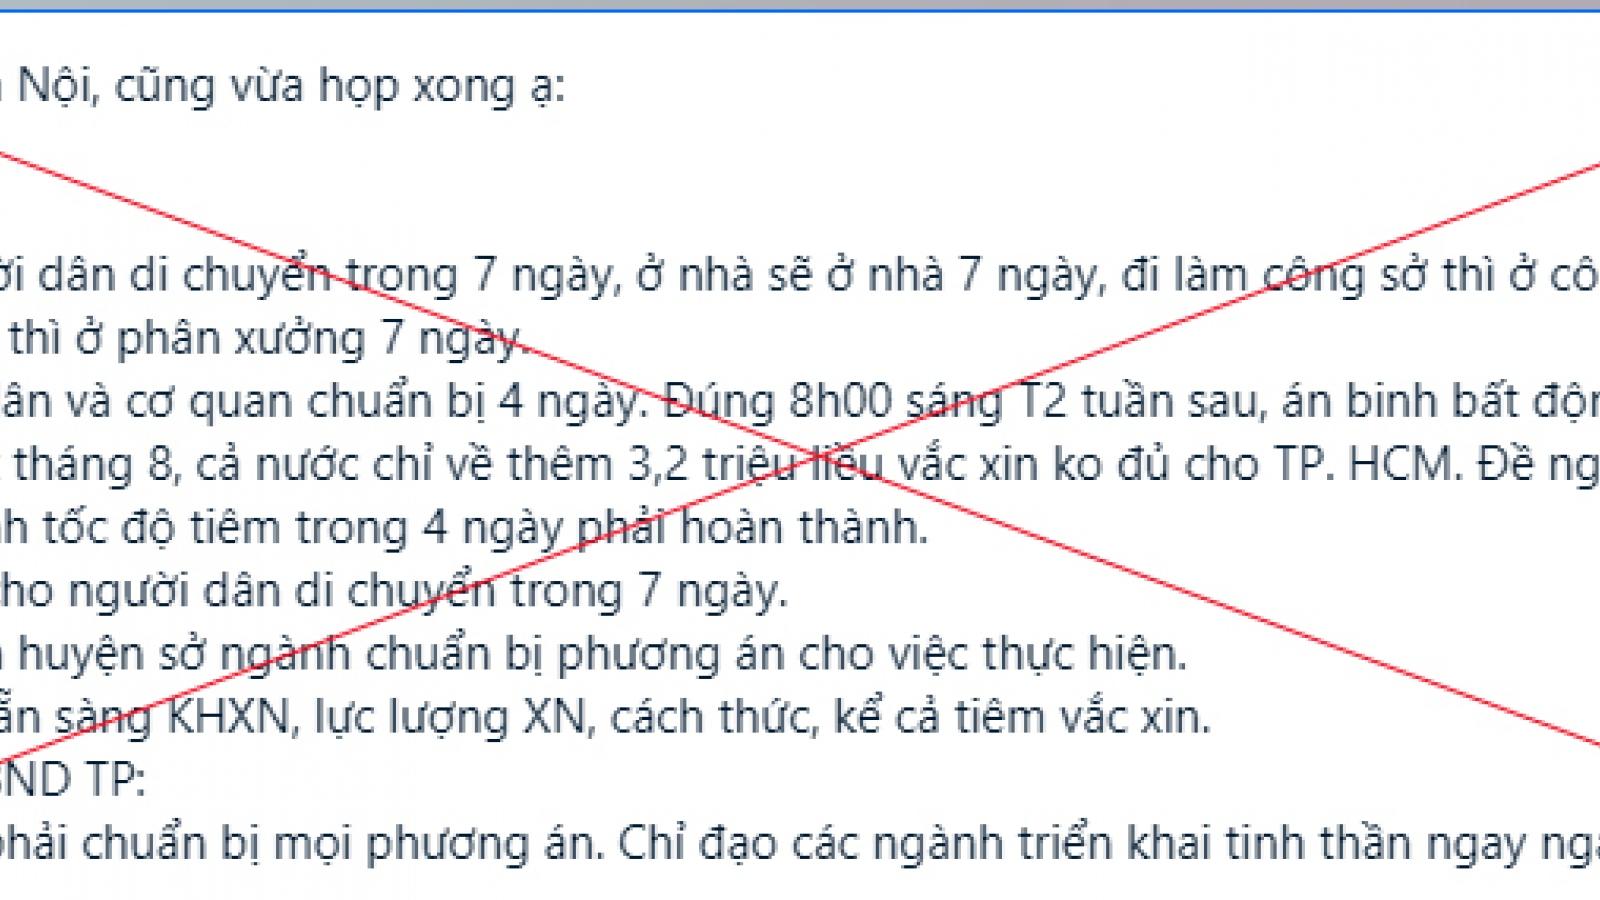 Thông tin Hà Nội cấm người dân ra đường trong 7 ngày là tin giả